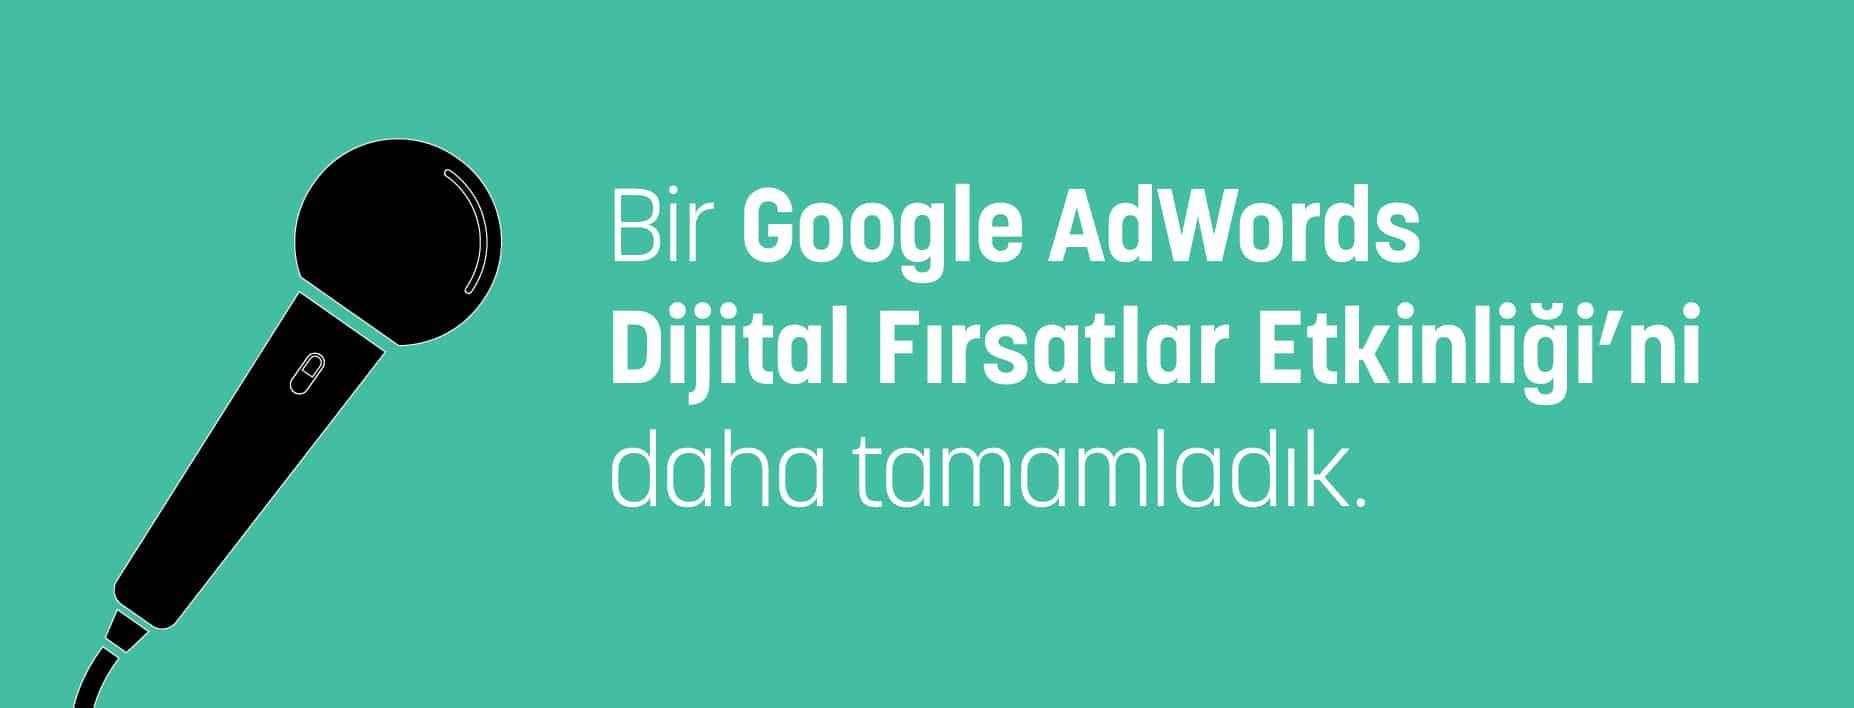 Google AdWords Dijital Fırsatlar Etkinliği